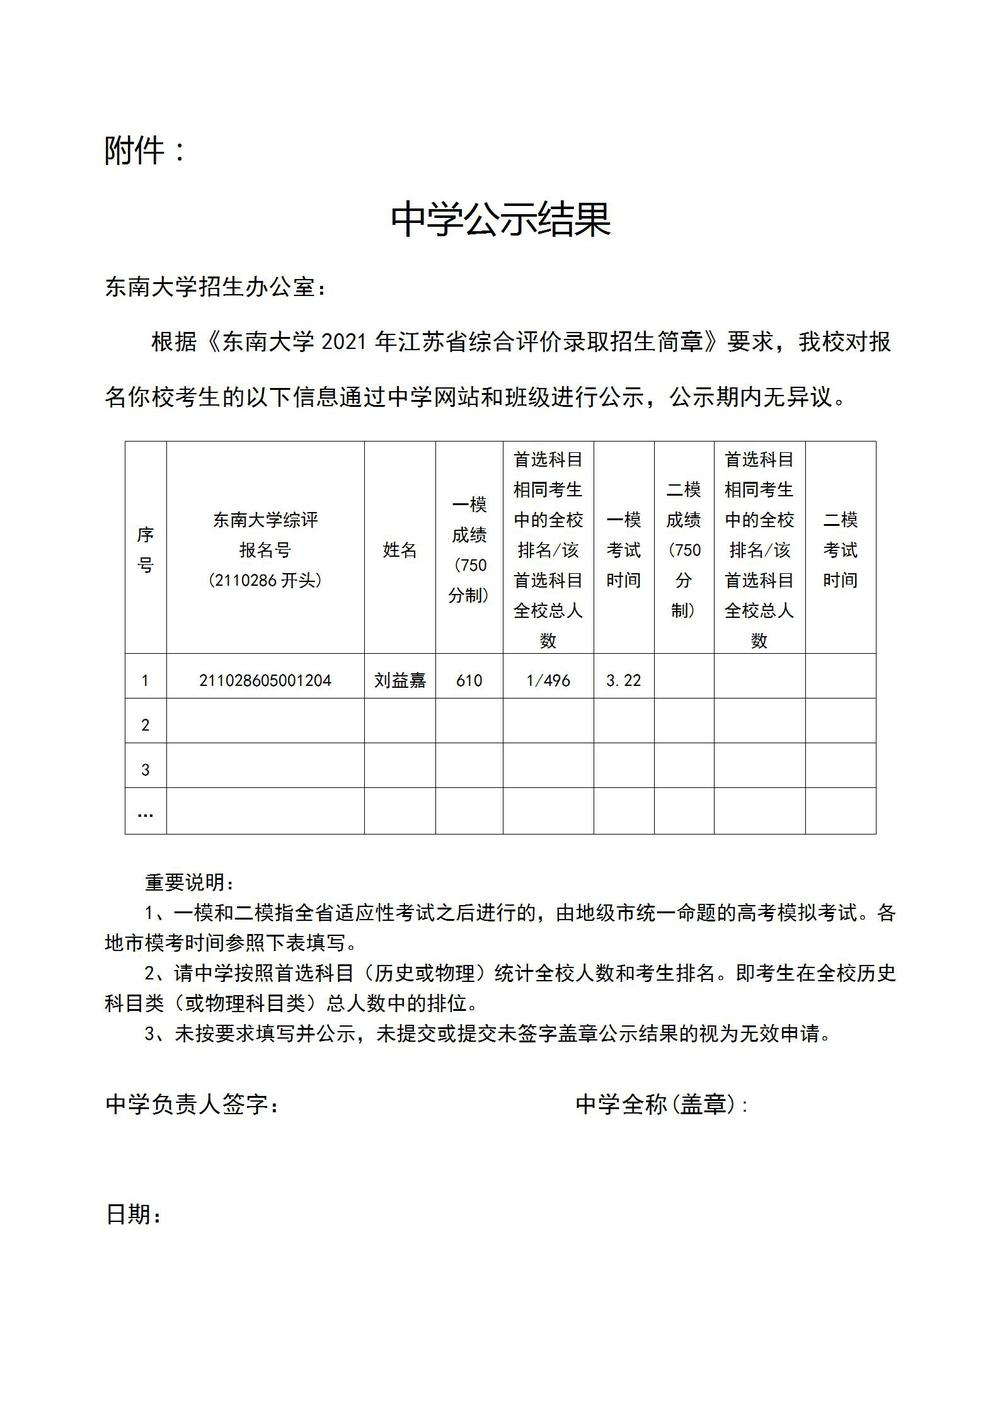 (高三四班刘益嘉)东南大学中学公示结果_01.jpg